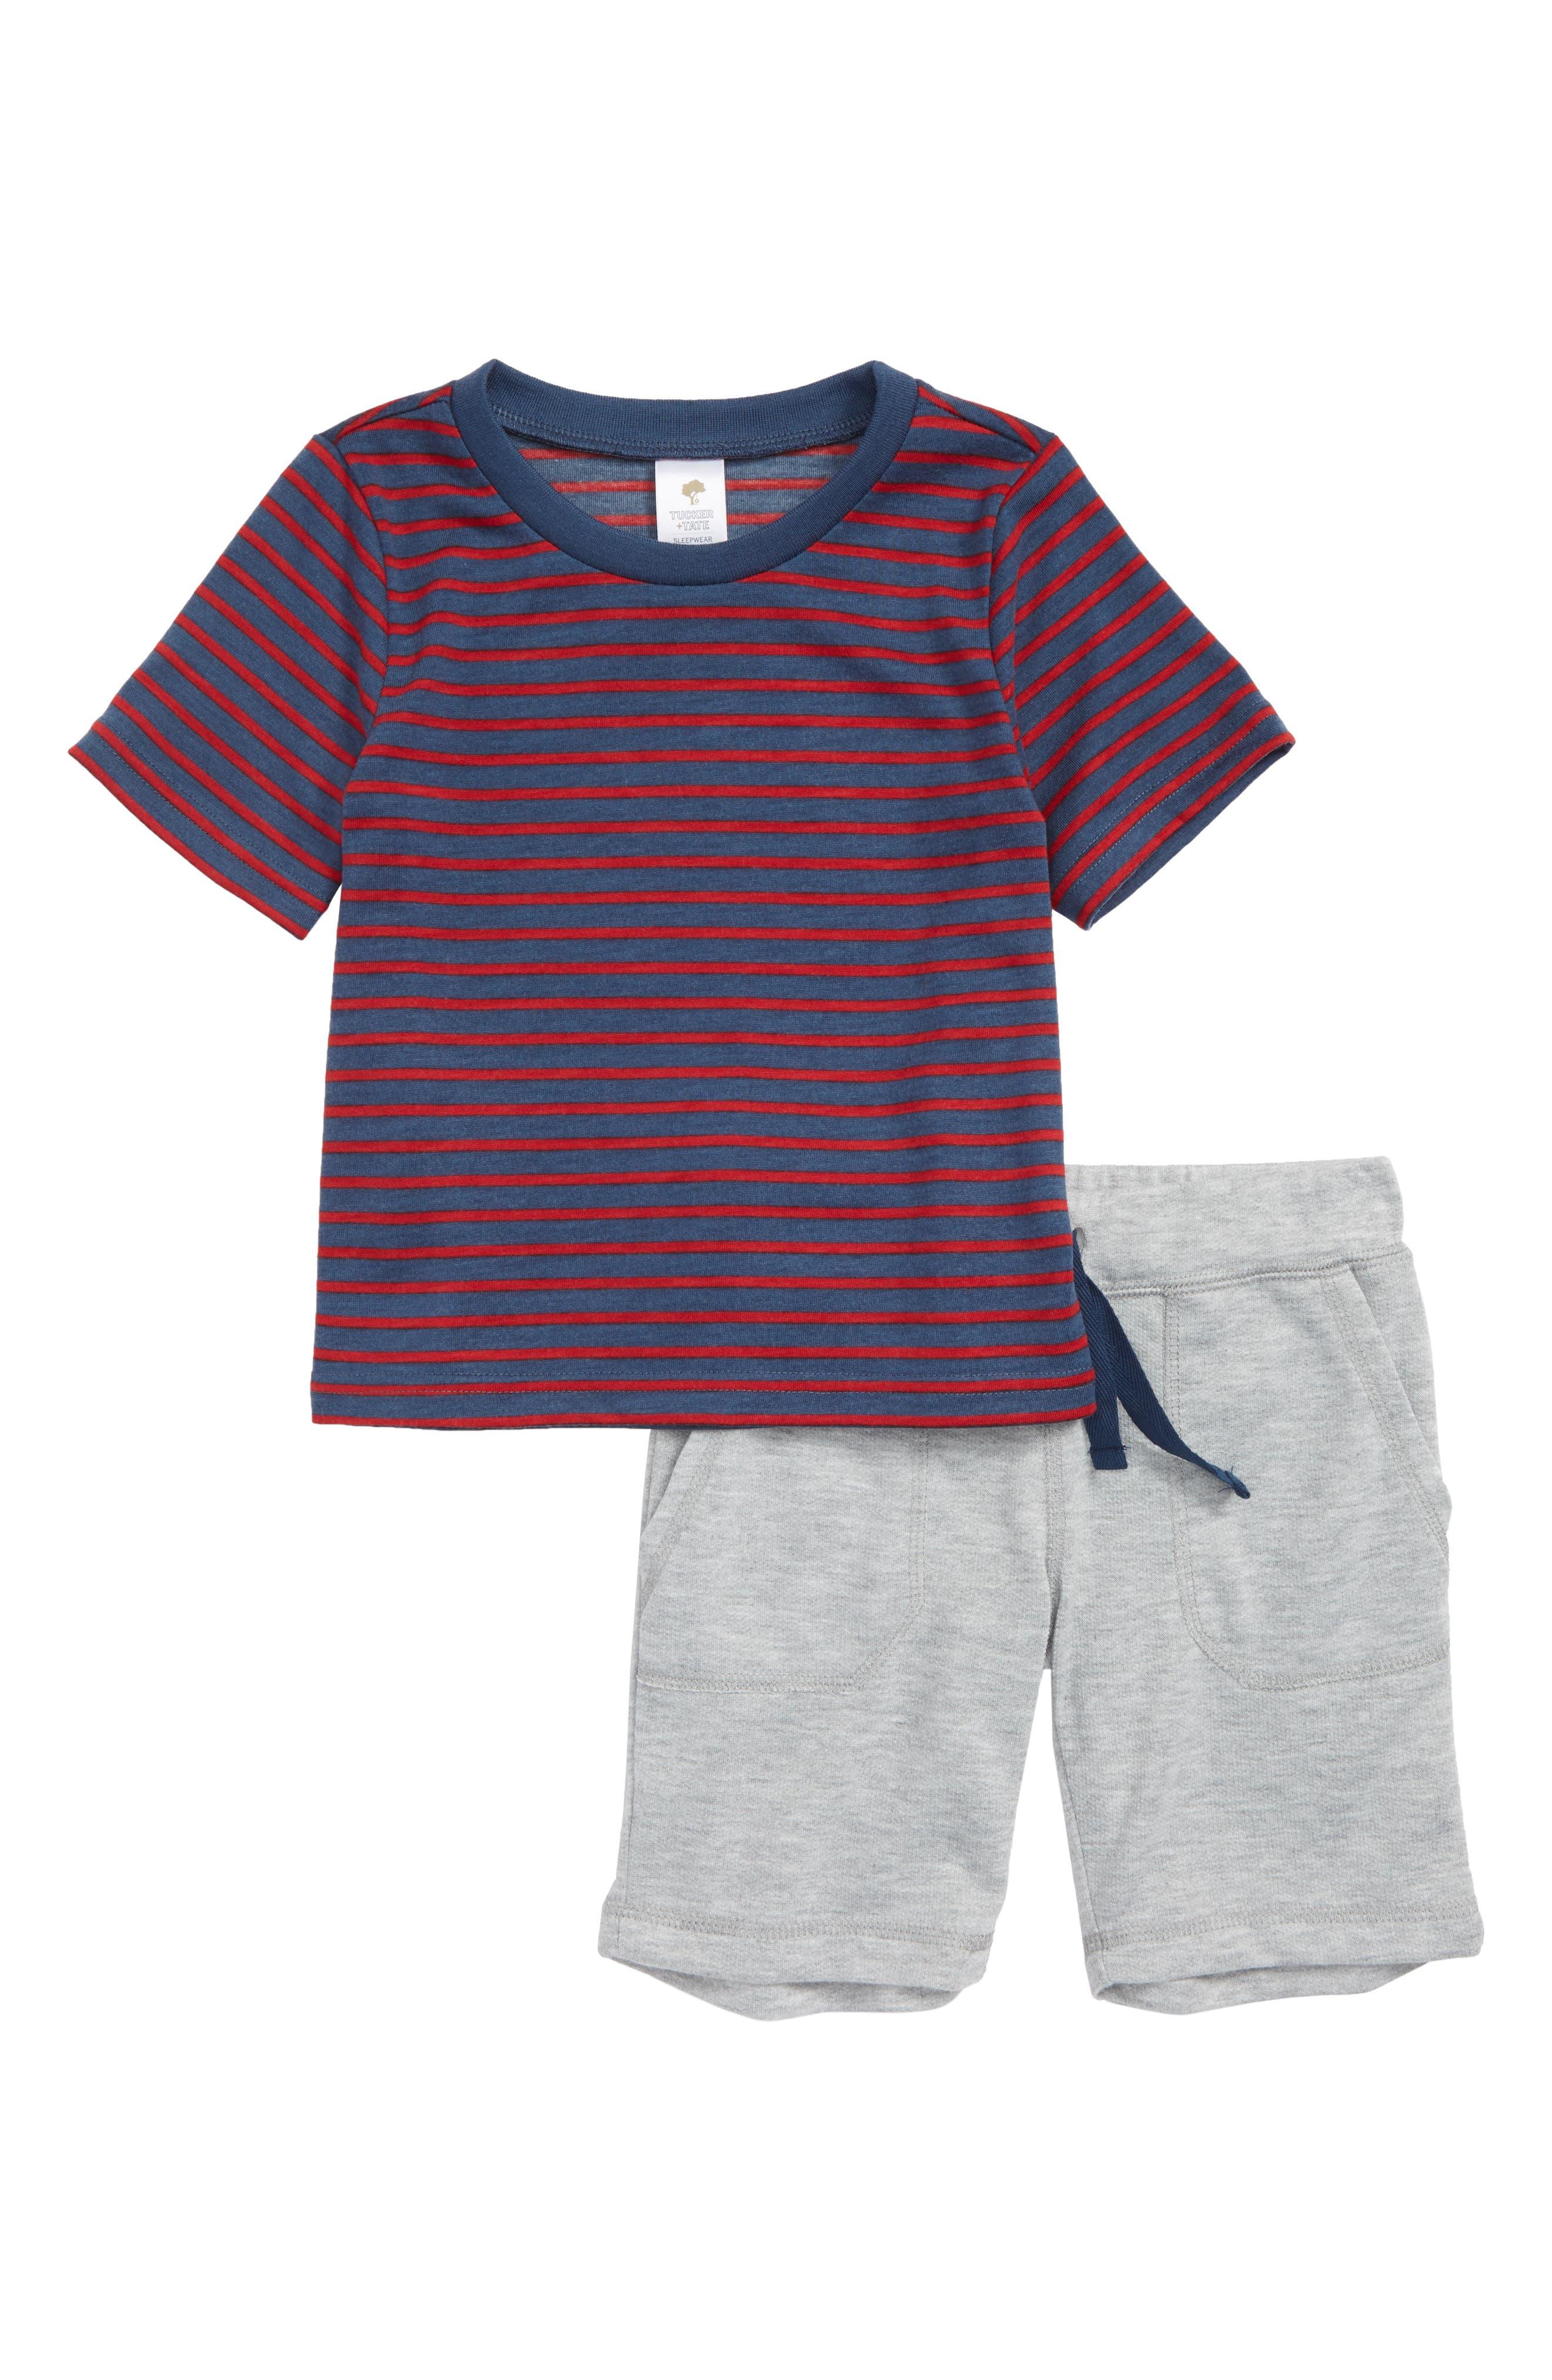 Toddler Boys Tucker  Tate TwoPiece Pajamas Size 2T  Red